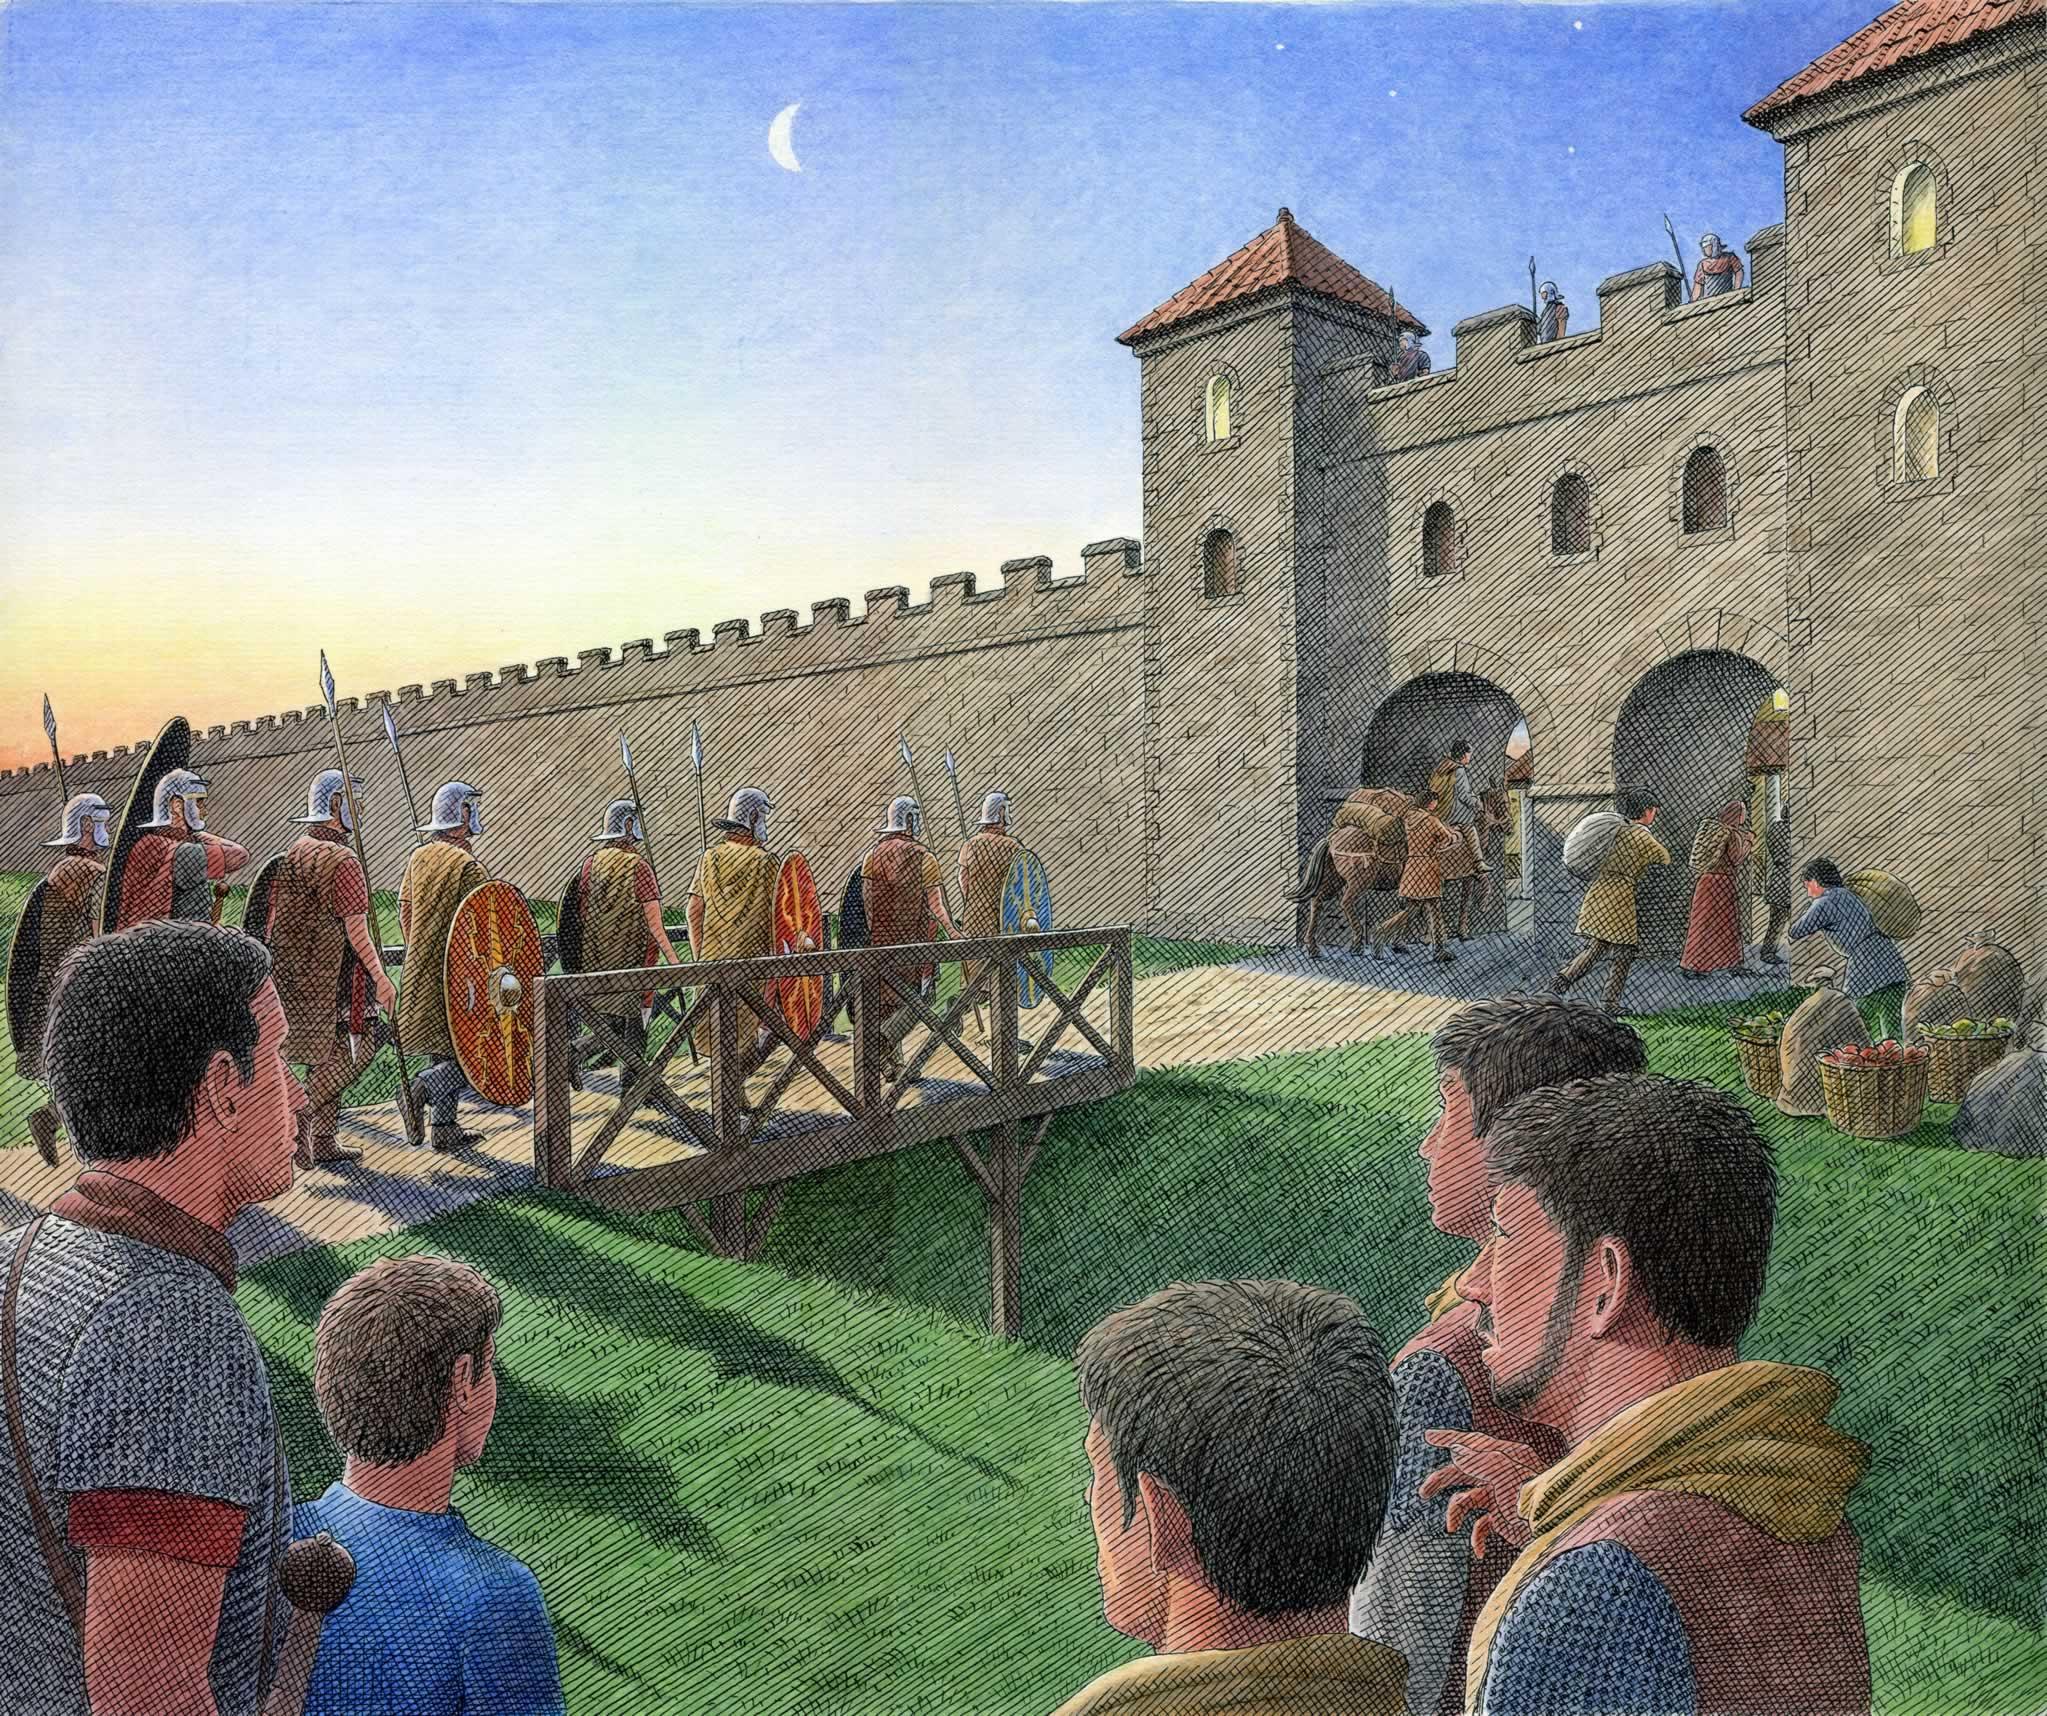 Birdoswald Fort-English Heritage magazine